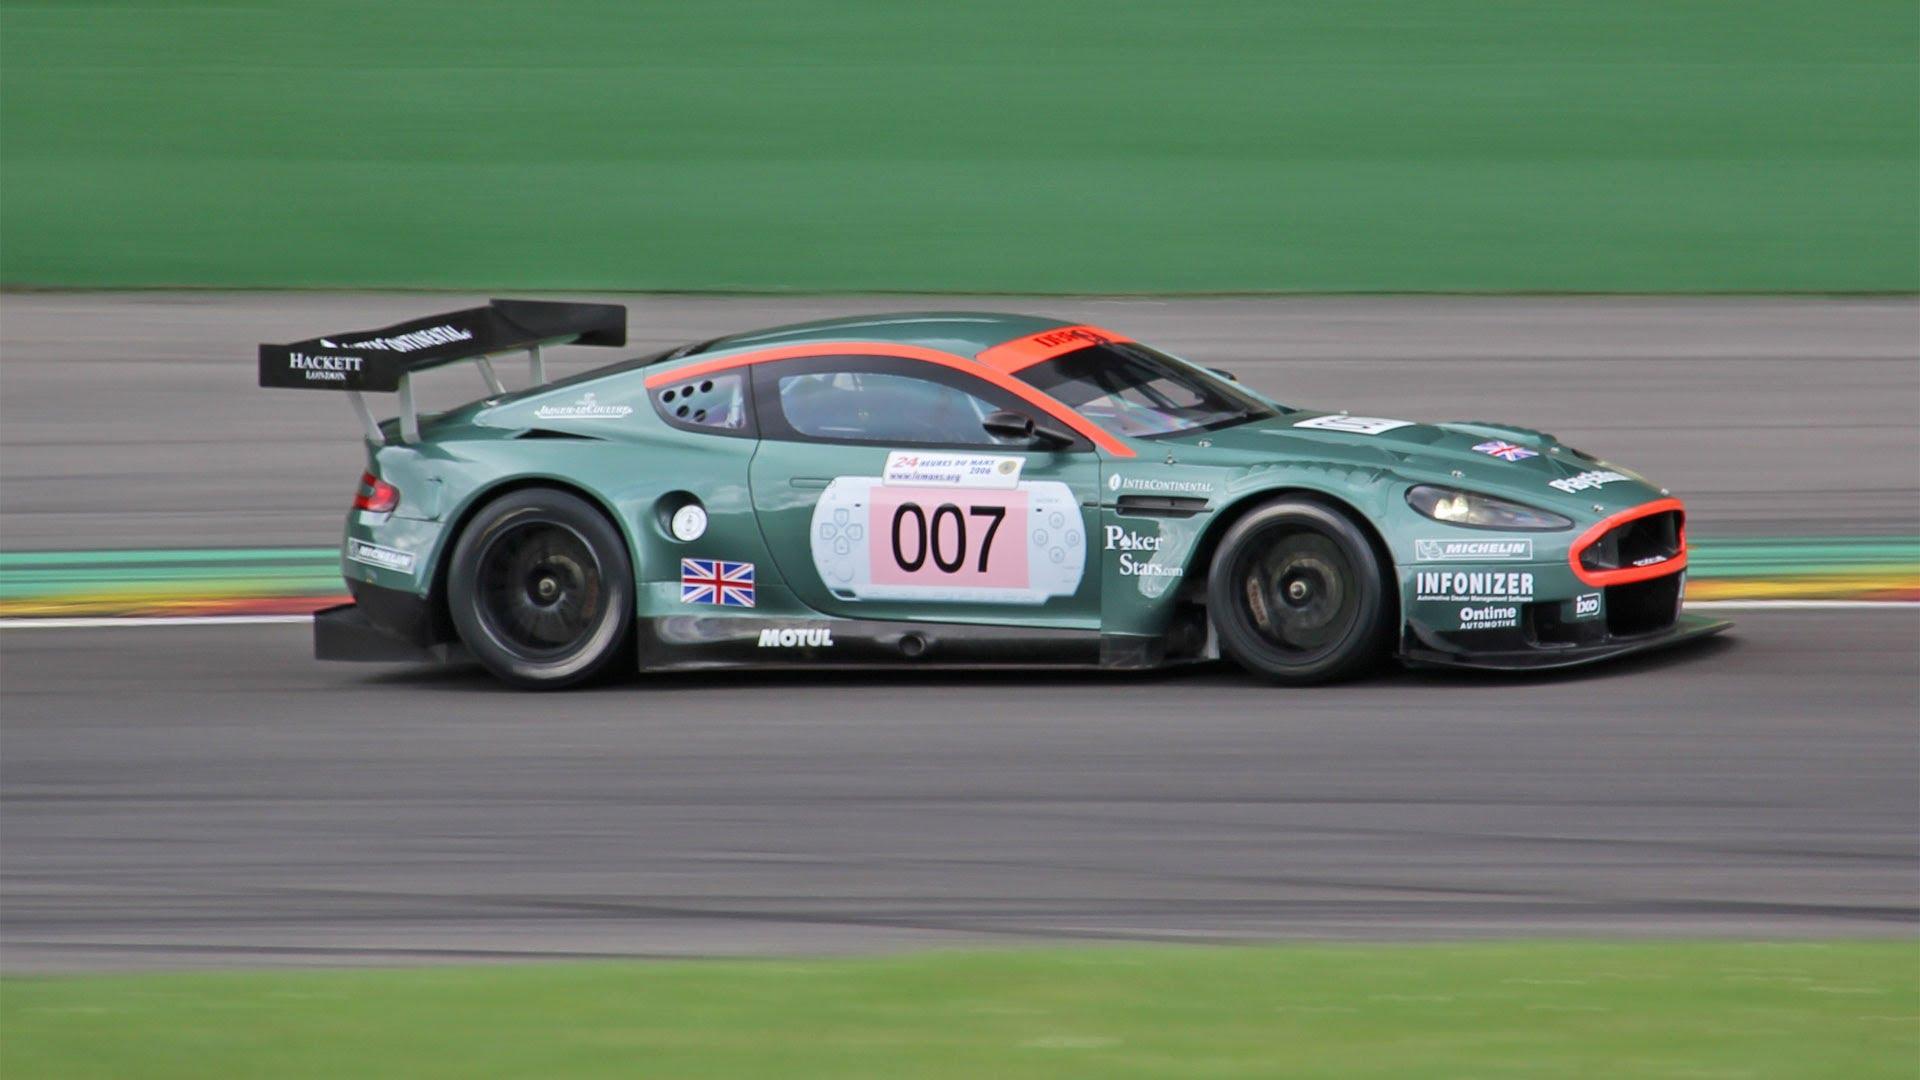 Aston Martin Dbr9 Hd Wallpapers 7wallpapers Net